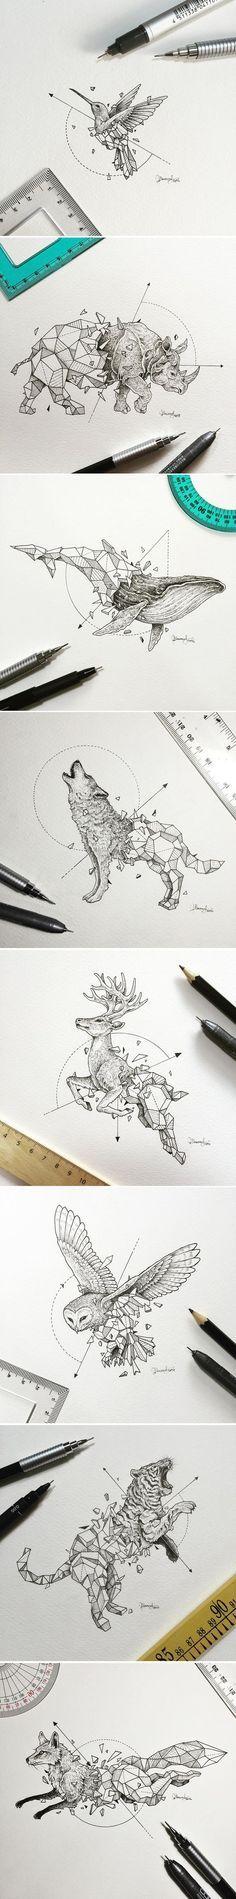 O autor destes desenho é Kerby Rosanes. Eu escolhi esta imagem pois adorei o facto de metade do desenho ser desenho real e a outra metade ser desenho abstrato.